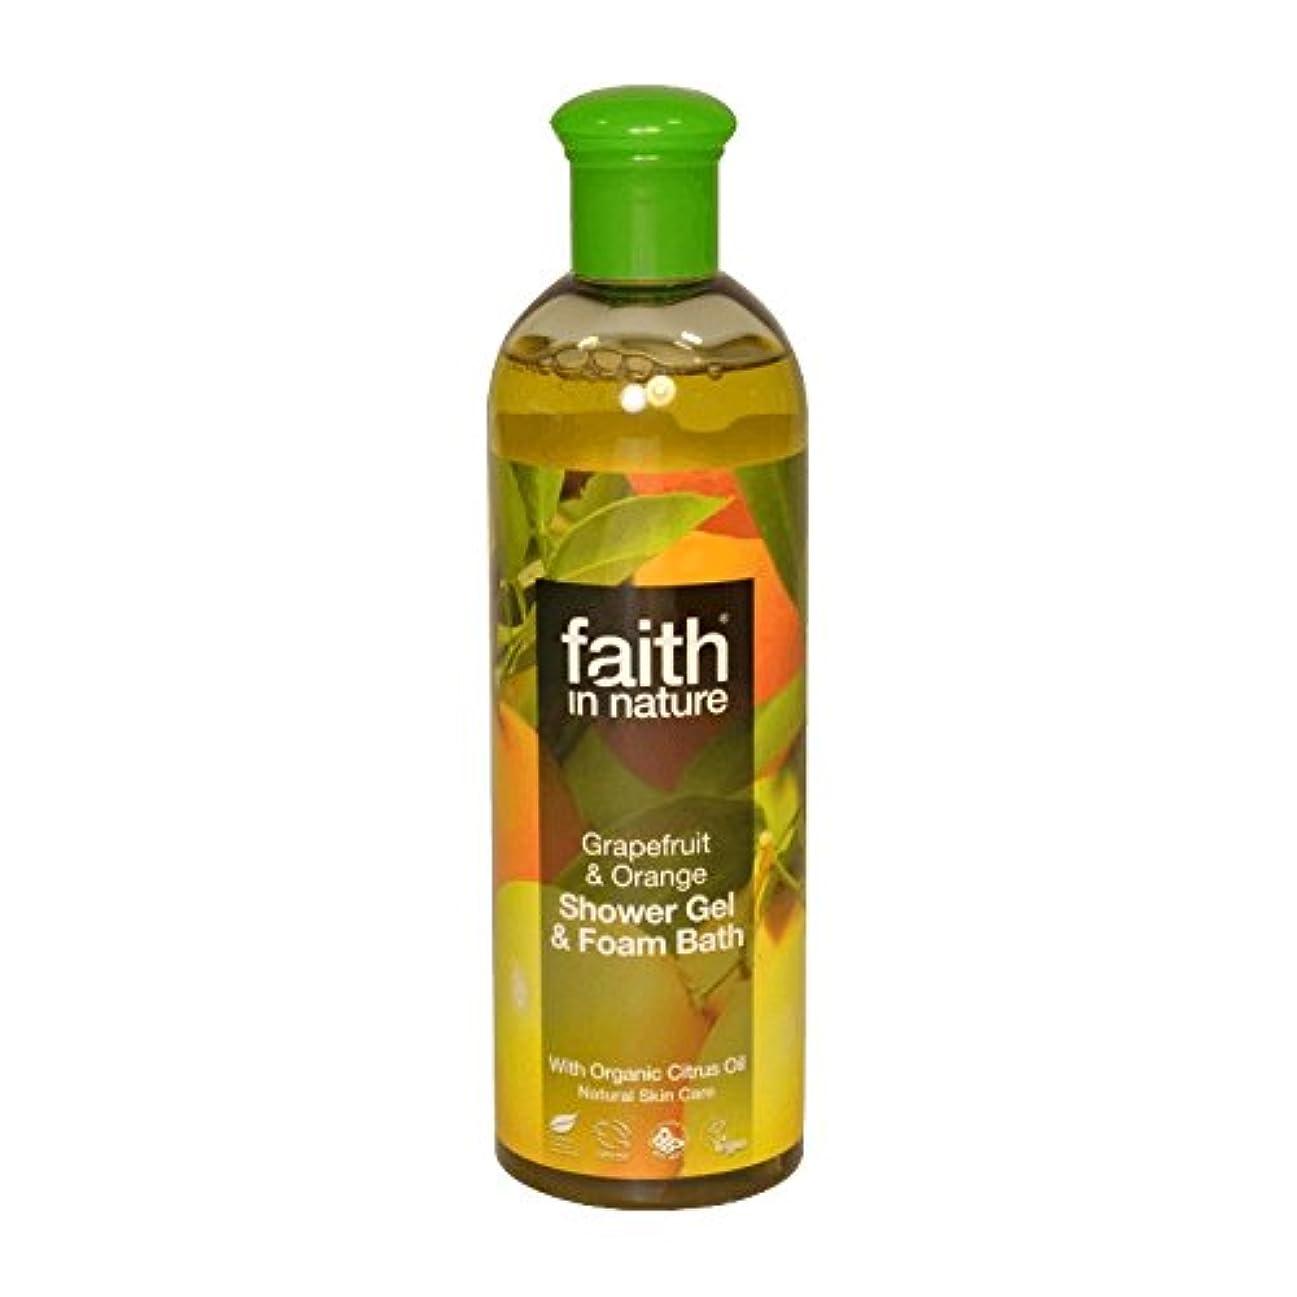 進行中乳木自然グレープフルーツ&オレンジシャワージェル&バス泡400ミリリットルの信仰 - Faith in Nature Grapefruit & Orange Shower Gel & Bath Foam 400ml (Faith...